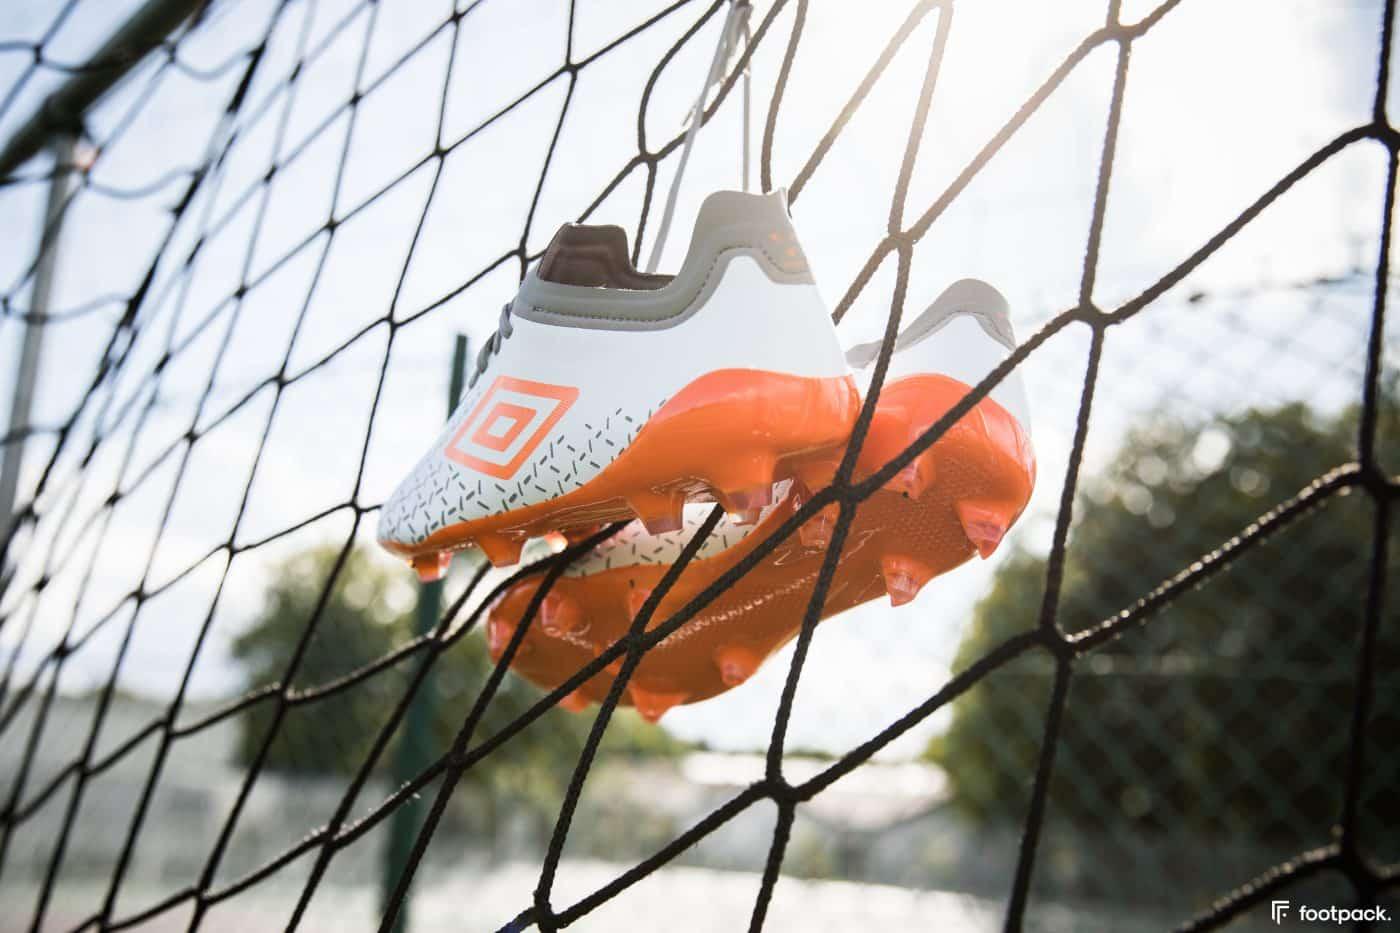 umbro-velocita-5-blanche-orange-footpack-8